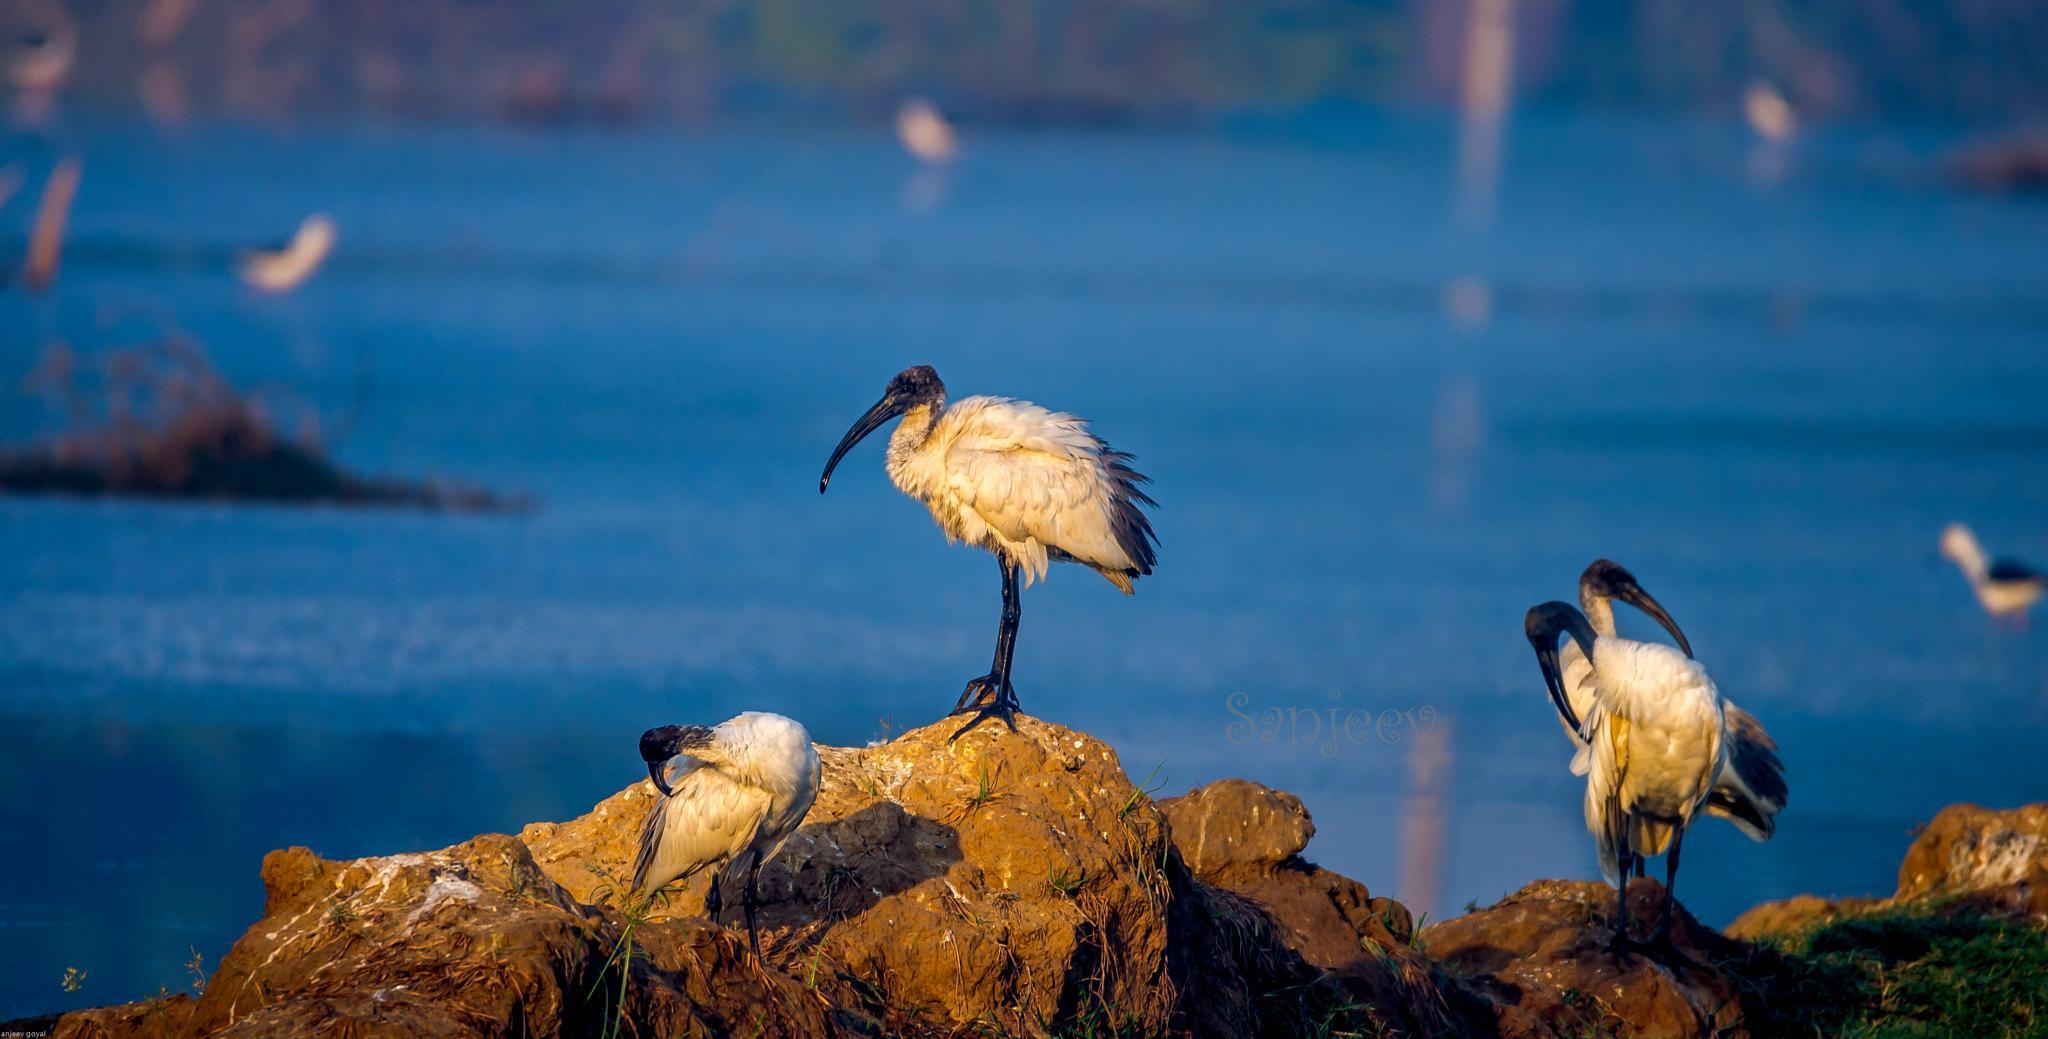 White Ibis by sanjeev.k.goyal.10